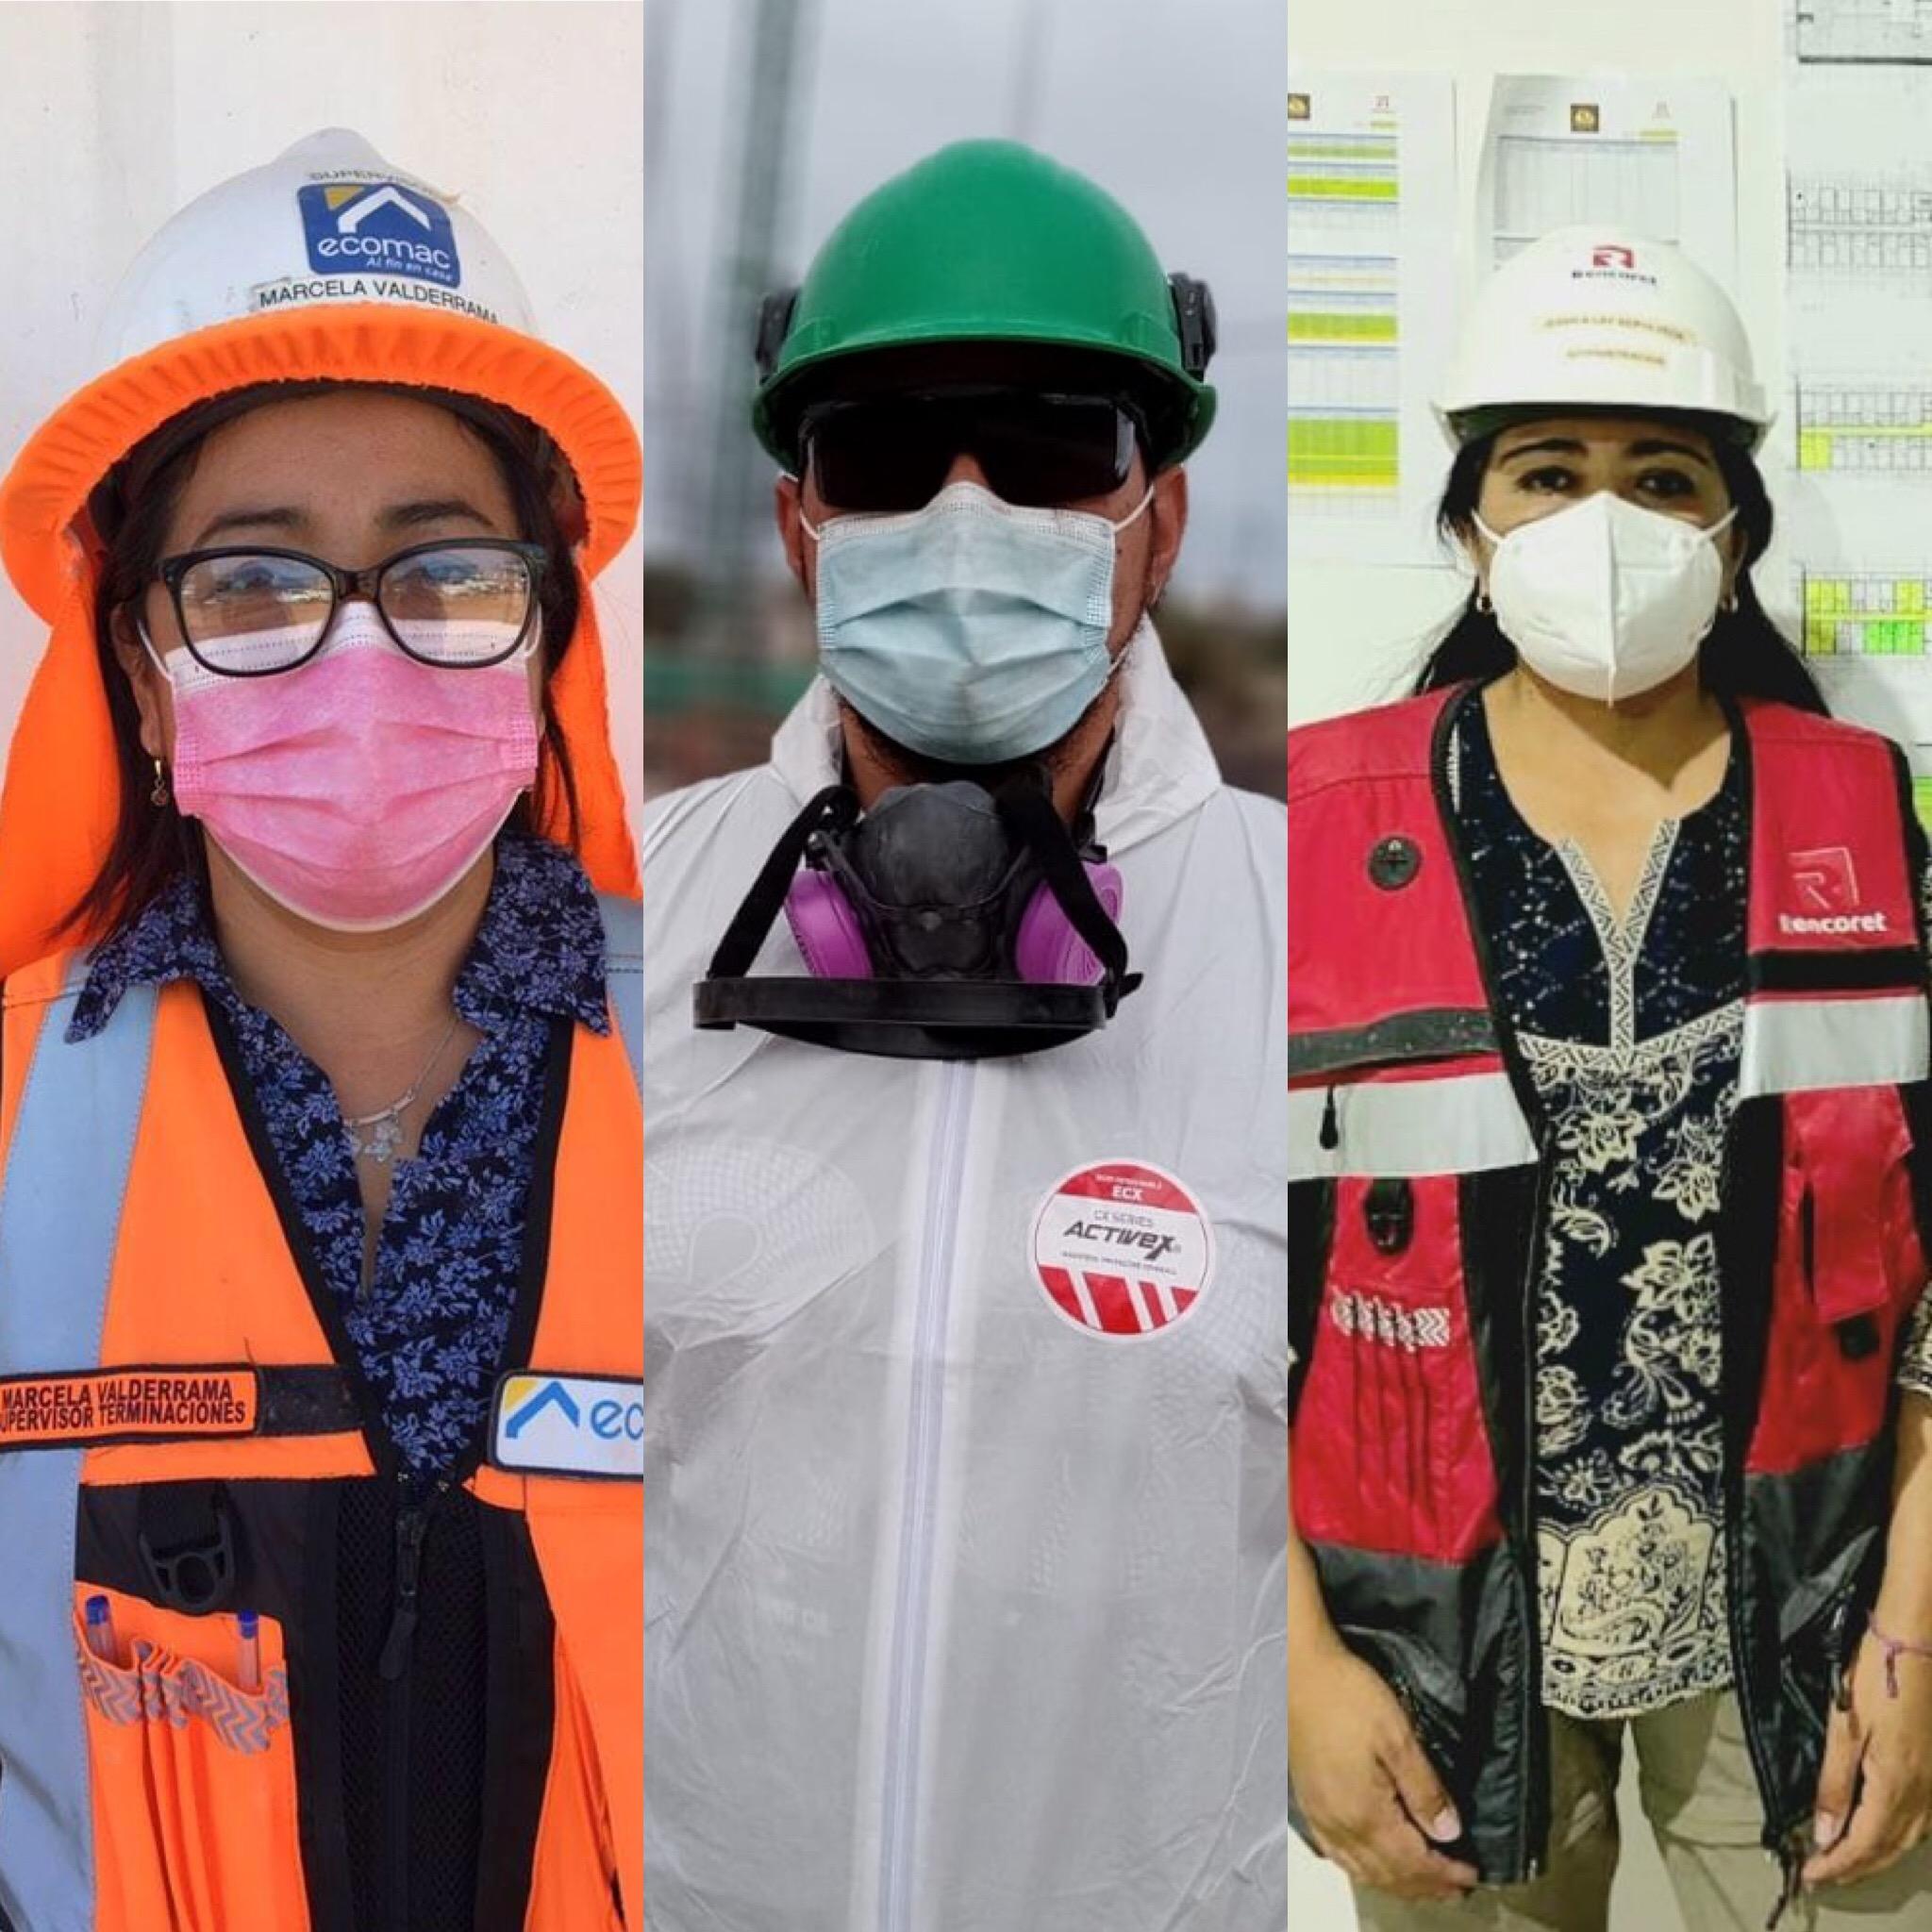 En el Día del Trabajador de la Construcción se valora el esfuerzo y compromiso para enfrentar esta pandemia y mantener las Obras Seguras noticias